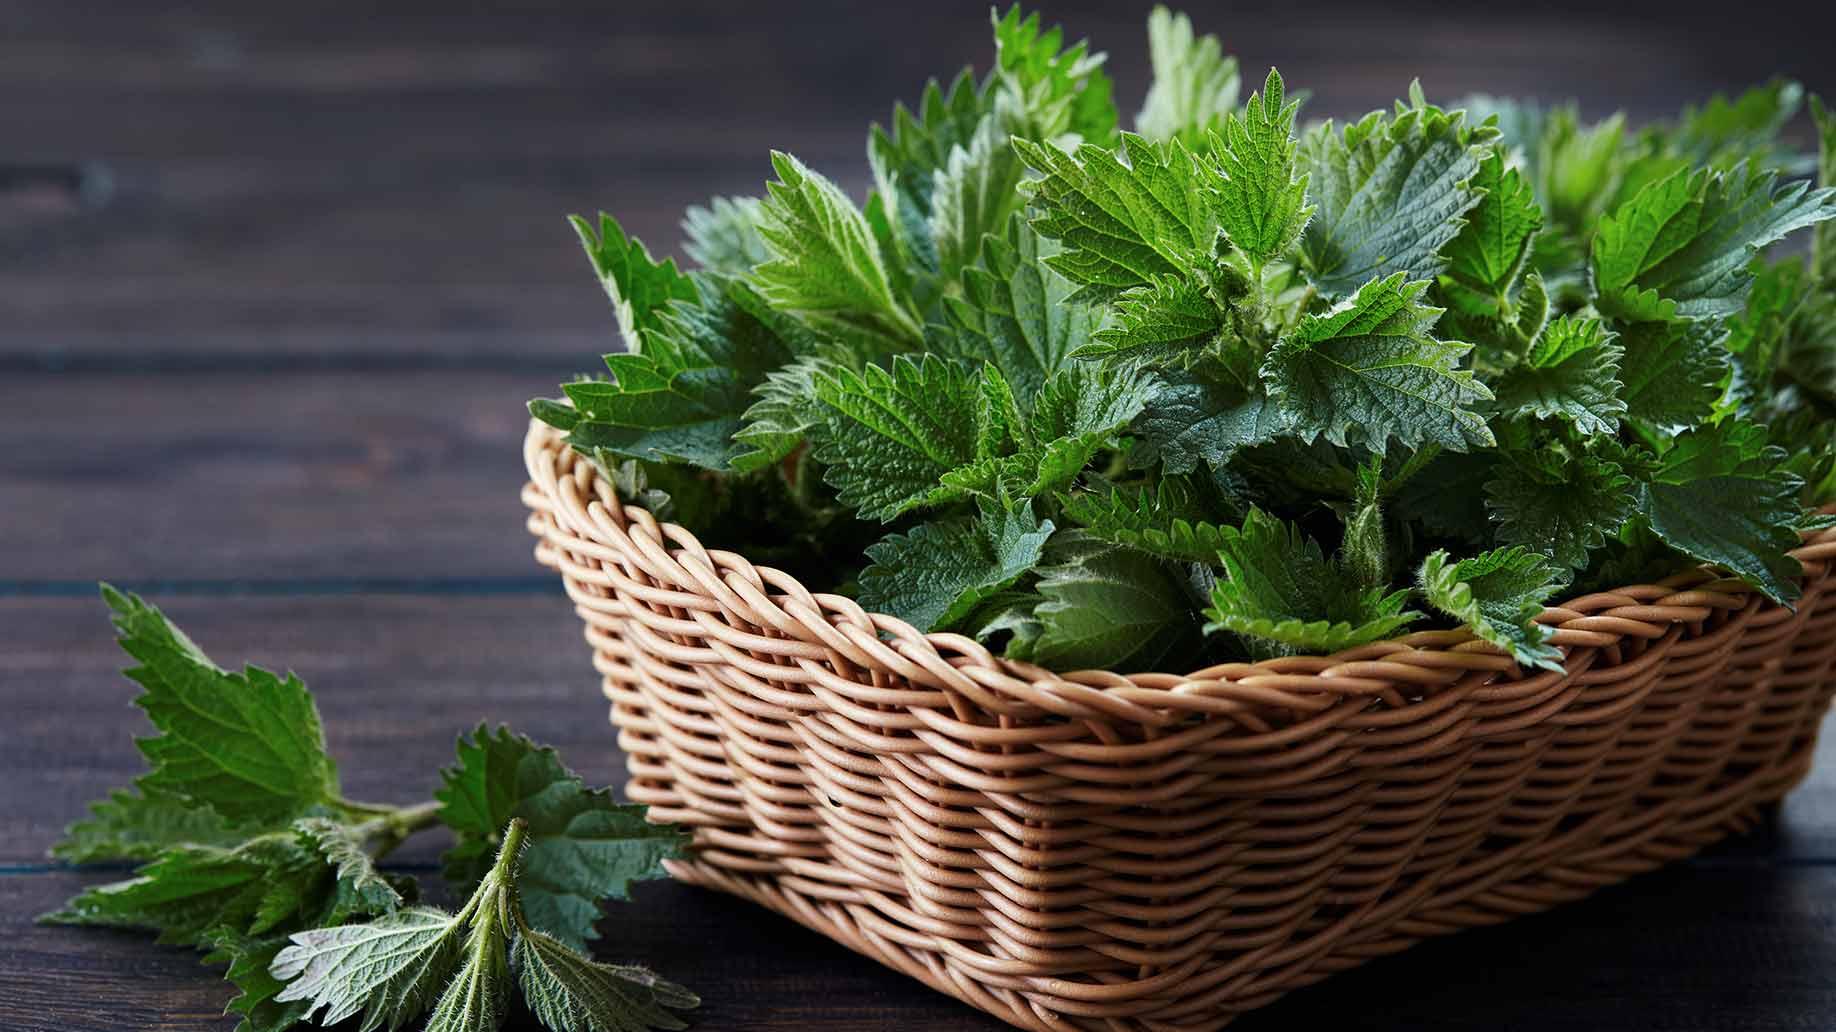 فوائد نبتة القراص مذهلة للصحة